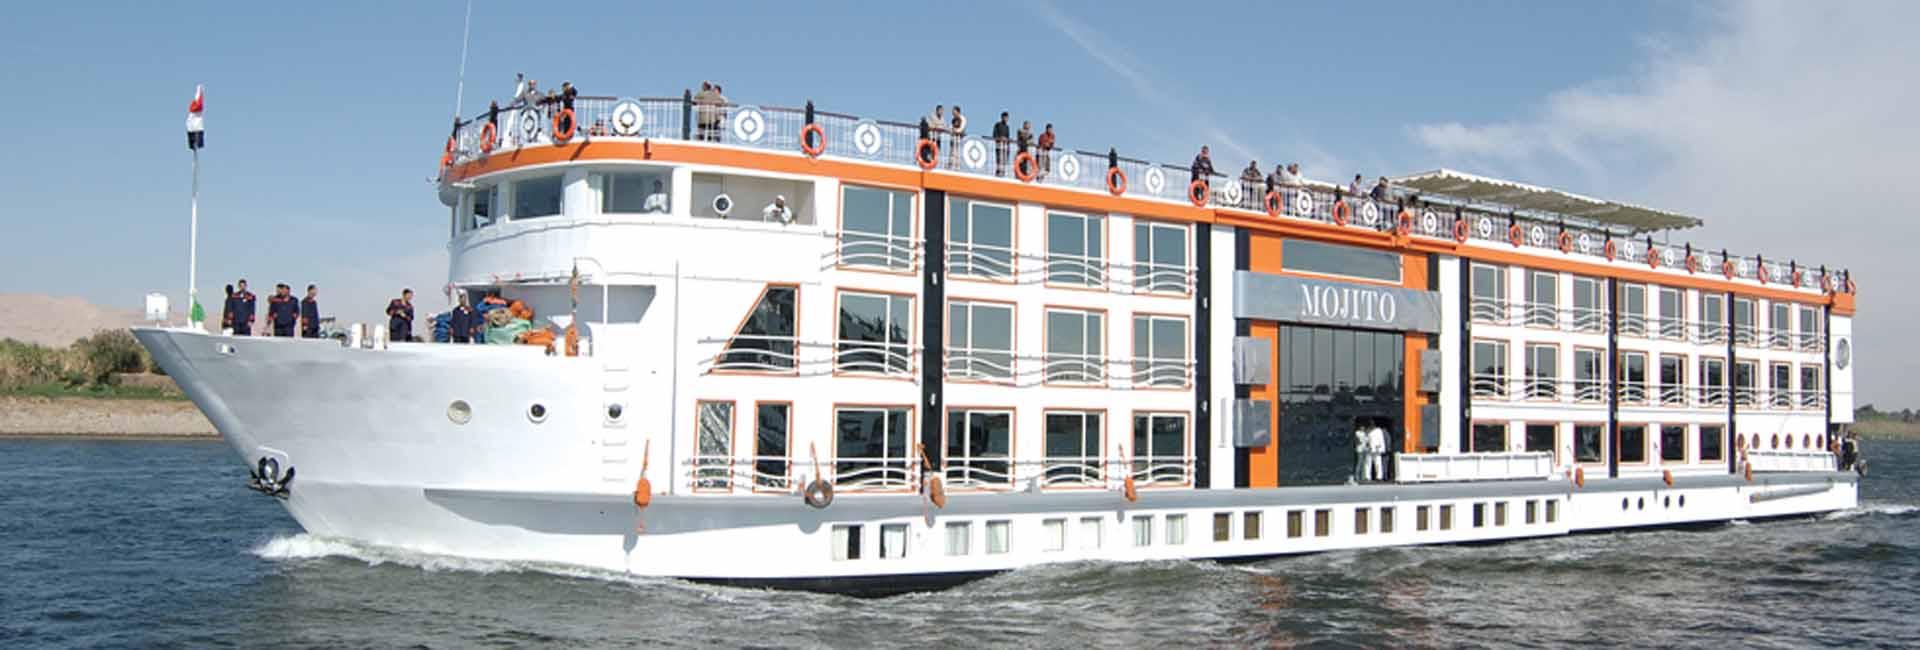 Mojito Nile Cruise